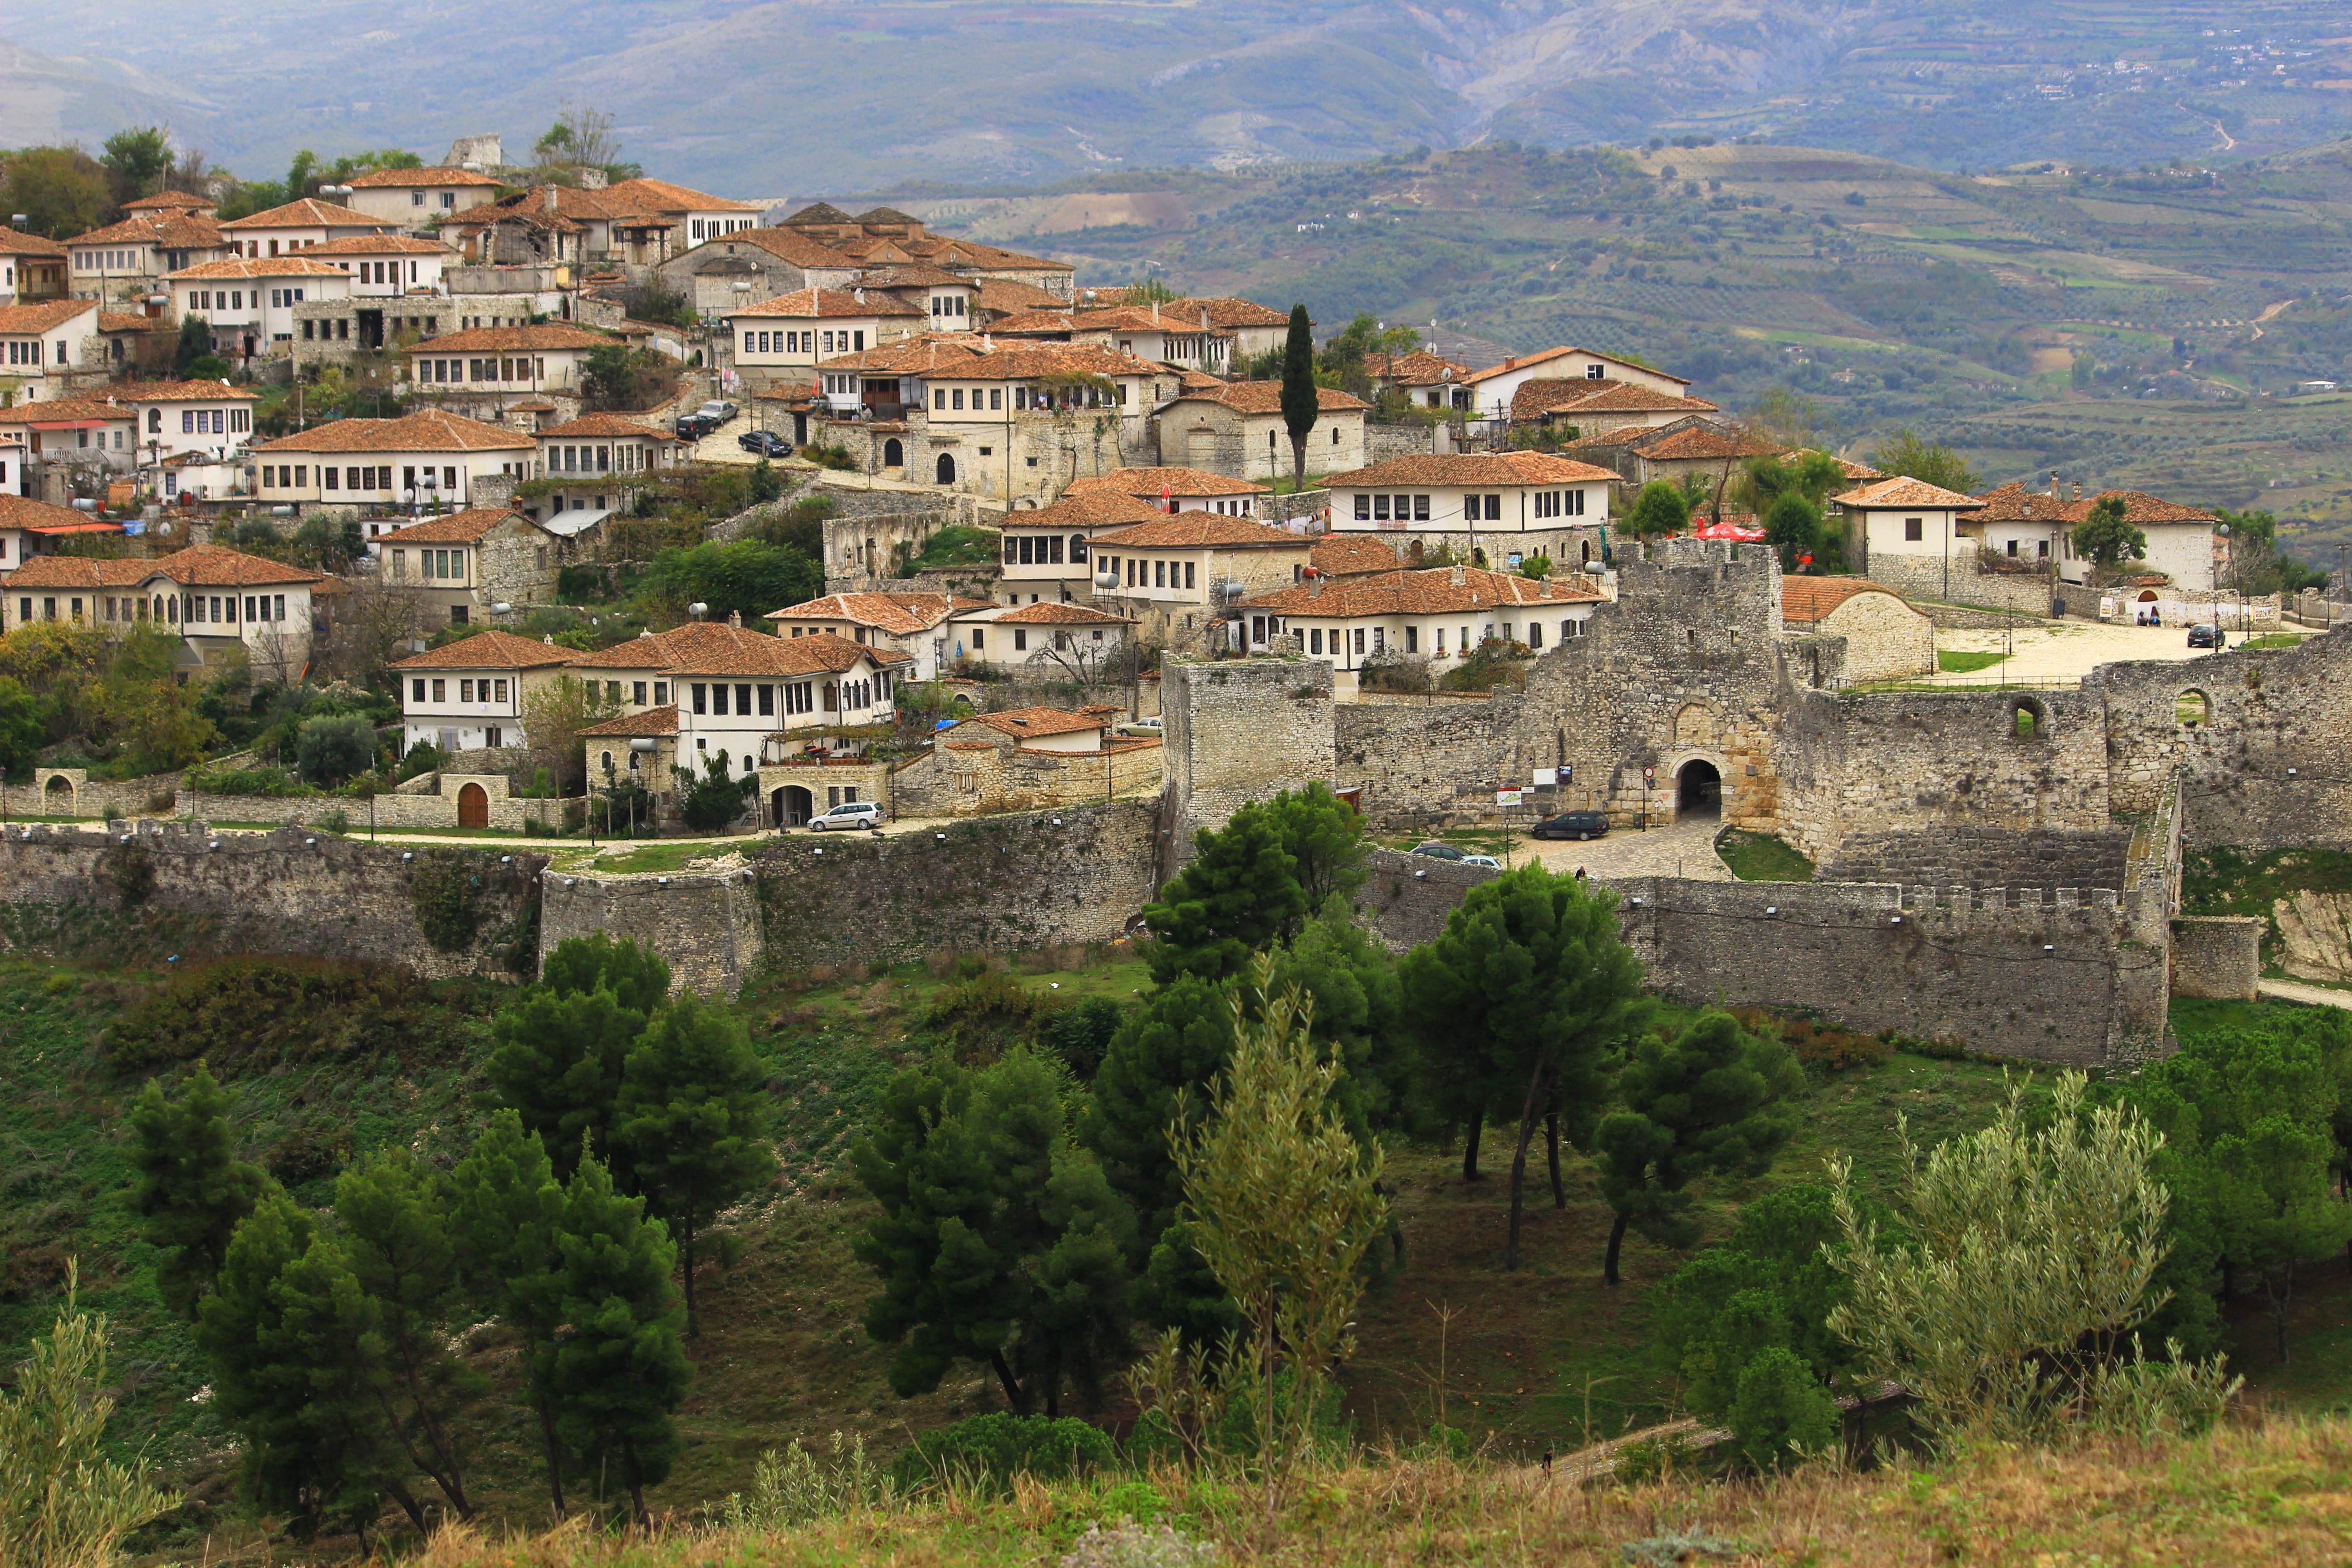 hvor reise i albania